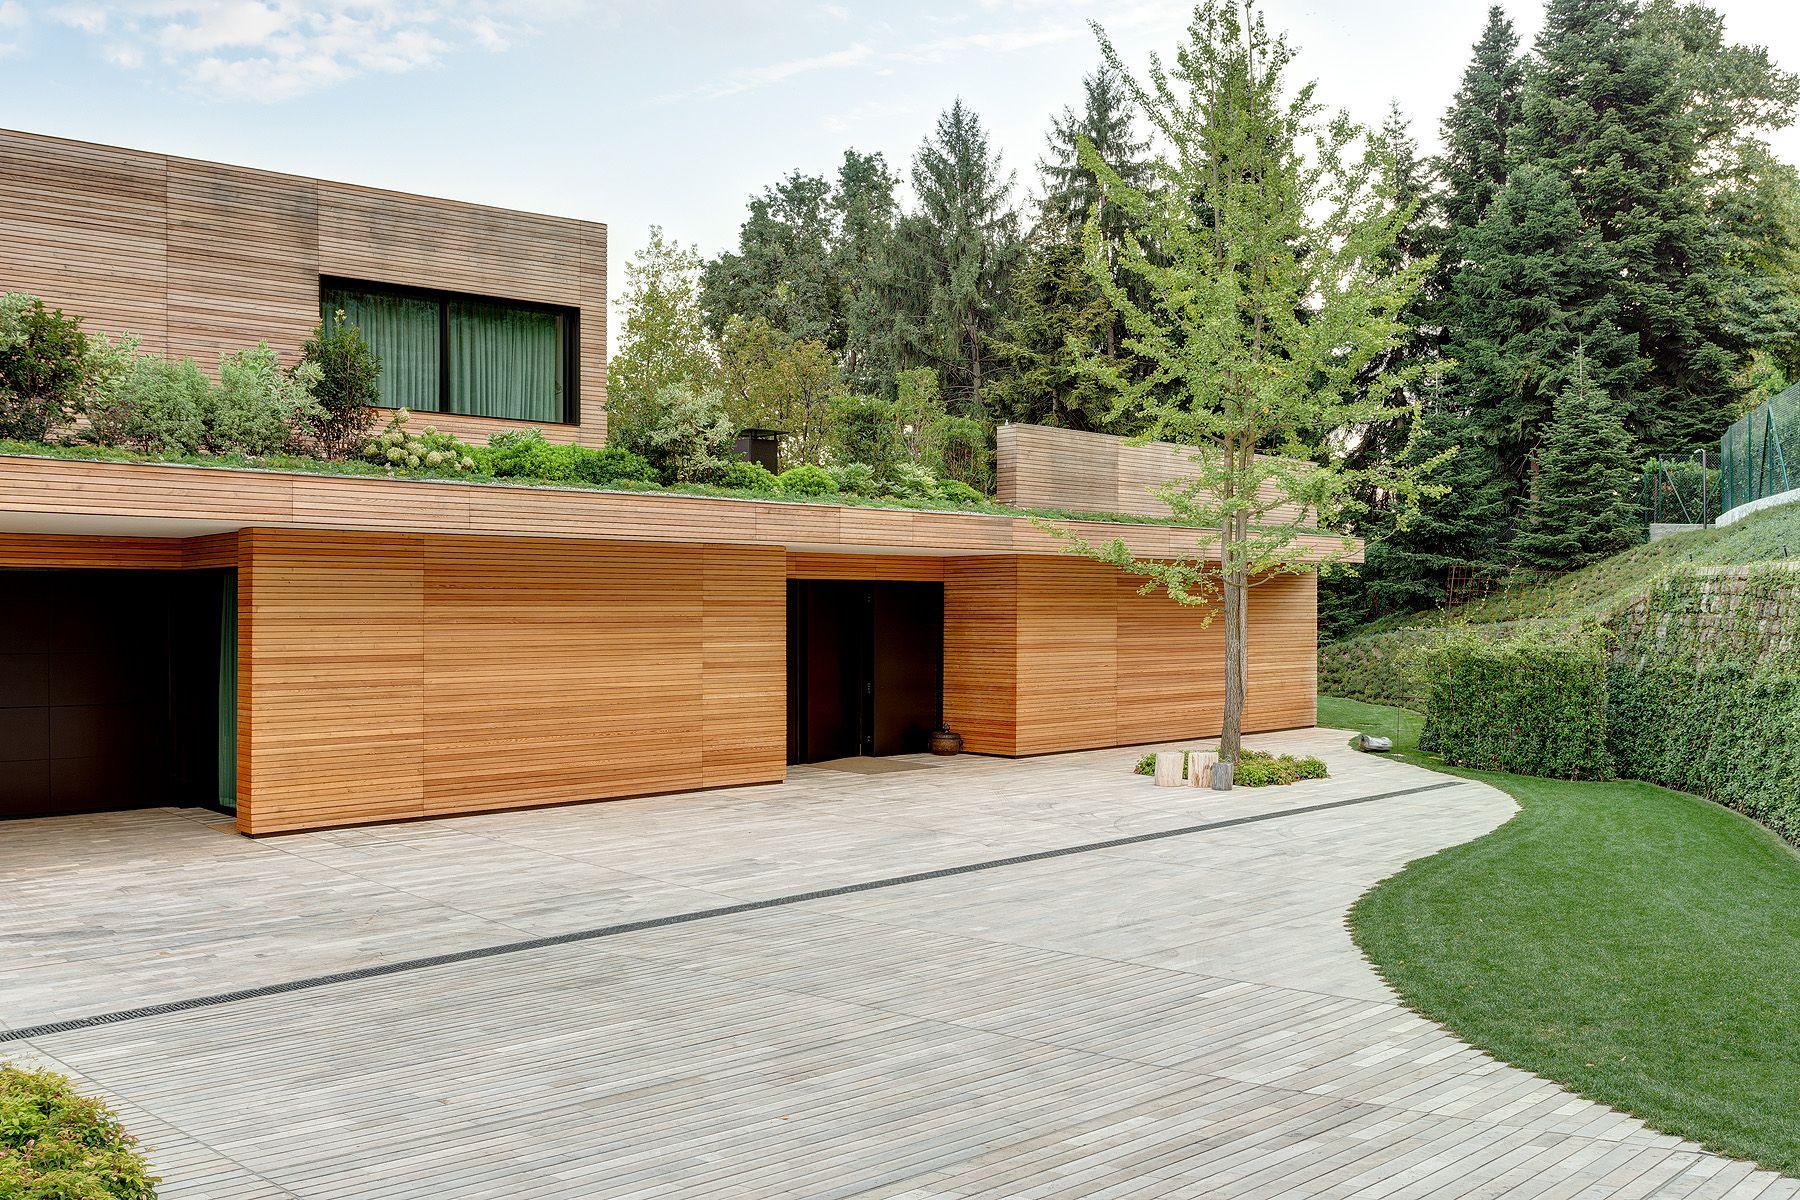 Rivestimento Casa In Legno : Villa in legno e casa di design casa prefabbricata in legno di